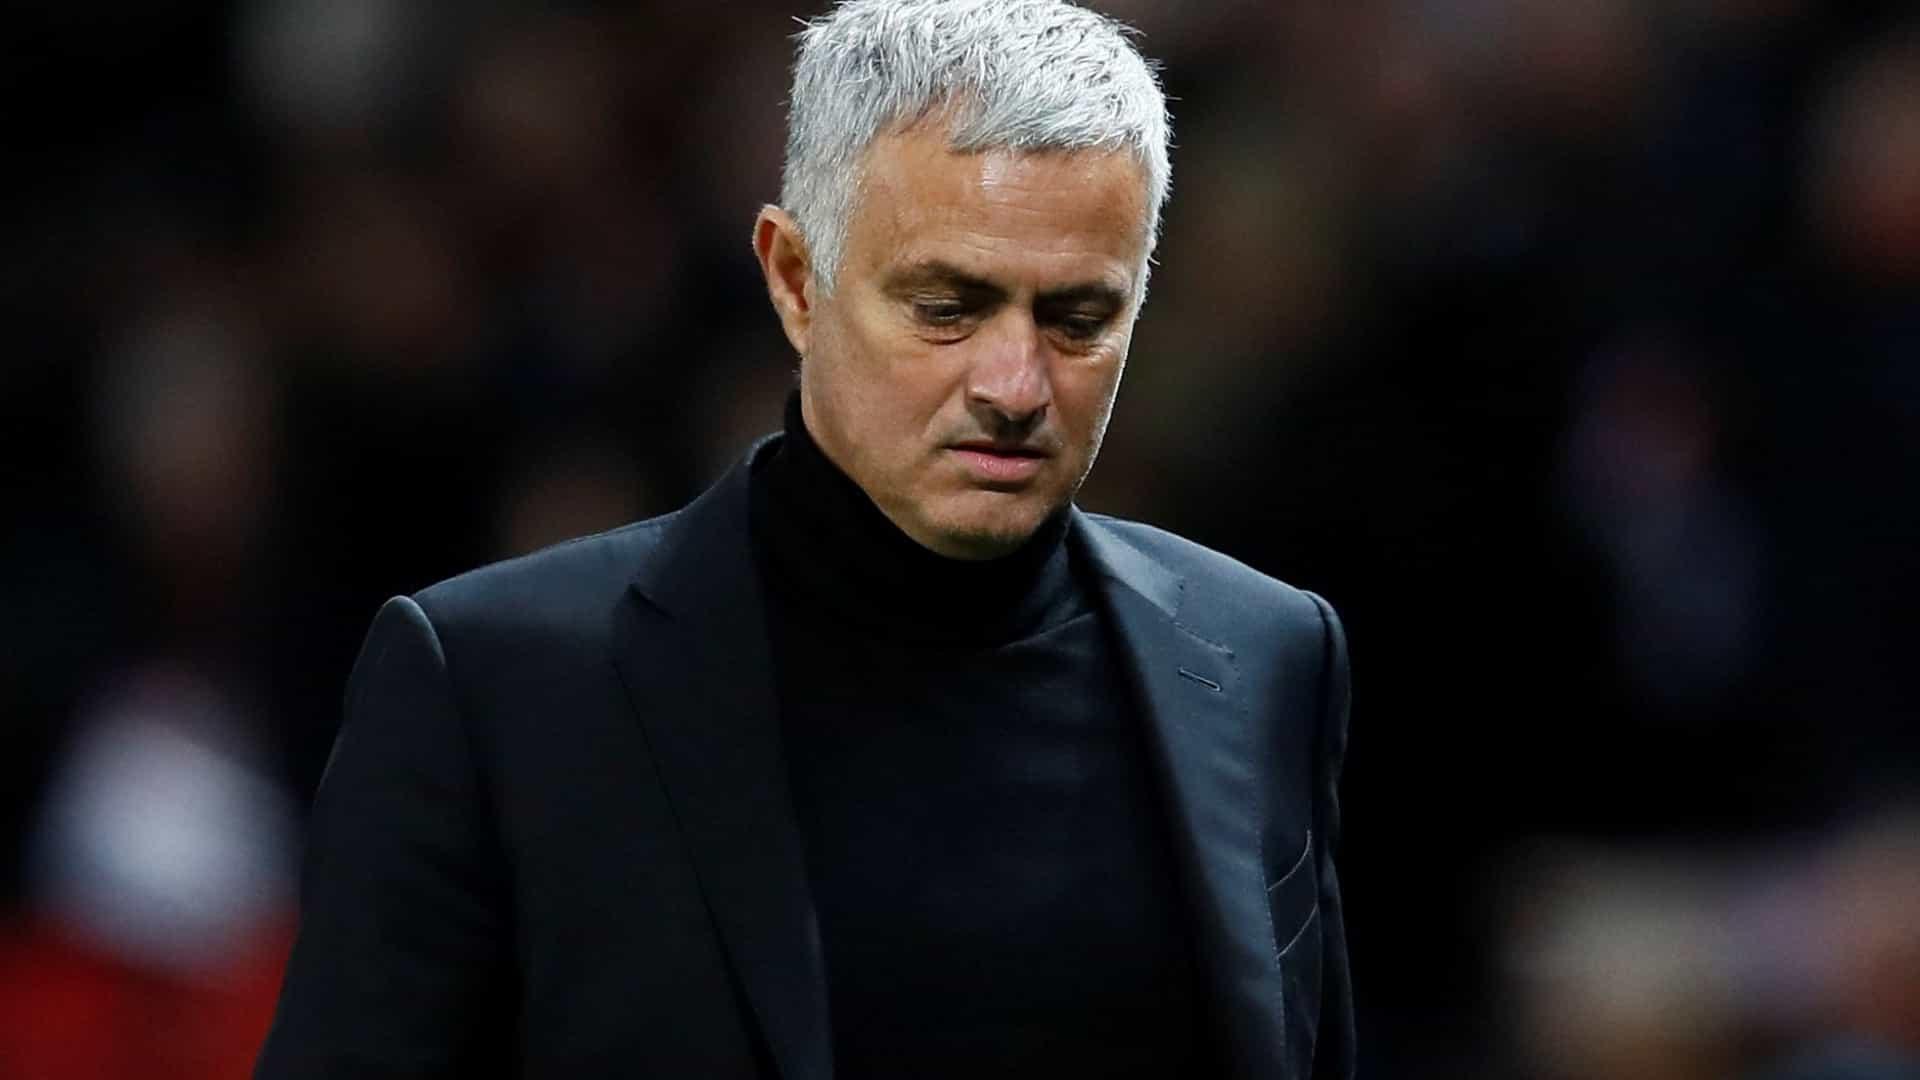 France Football: Melhor treinador de sempre é holandês. Mourinho é 13.º